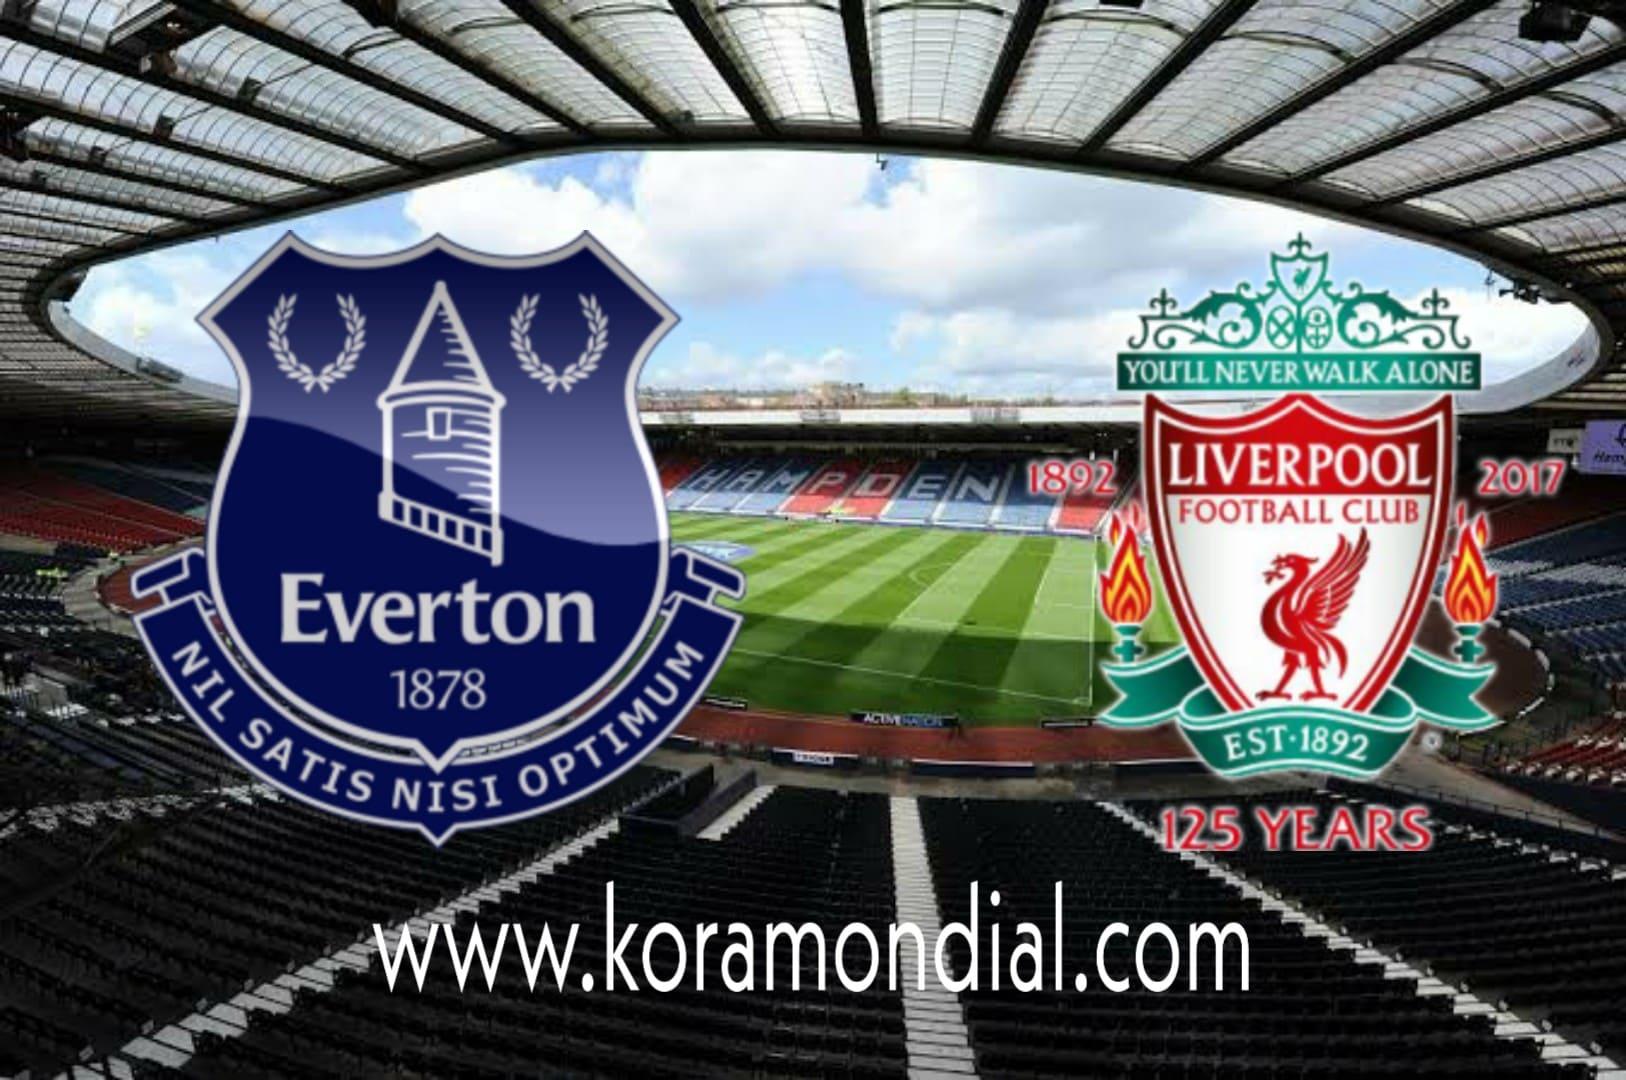 مشاهدة مباراة إيفرتون و ليفربول بث مباشر اليوم 17-10-2020 في الدوري الإنجليزي الممتاز